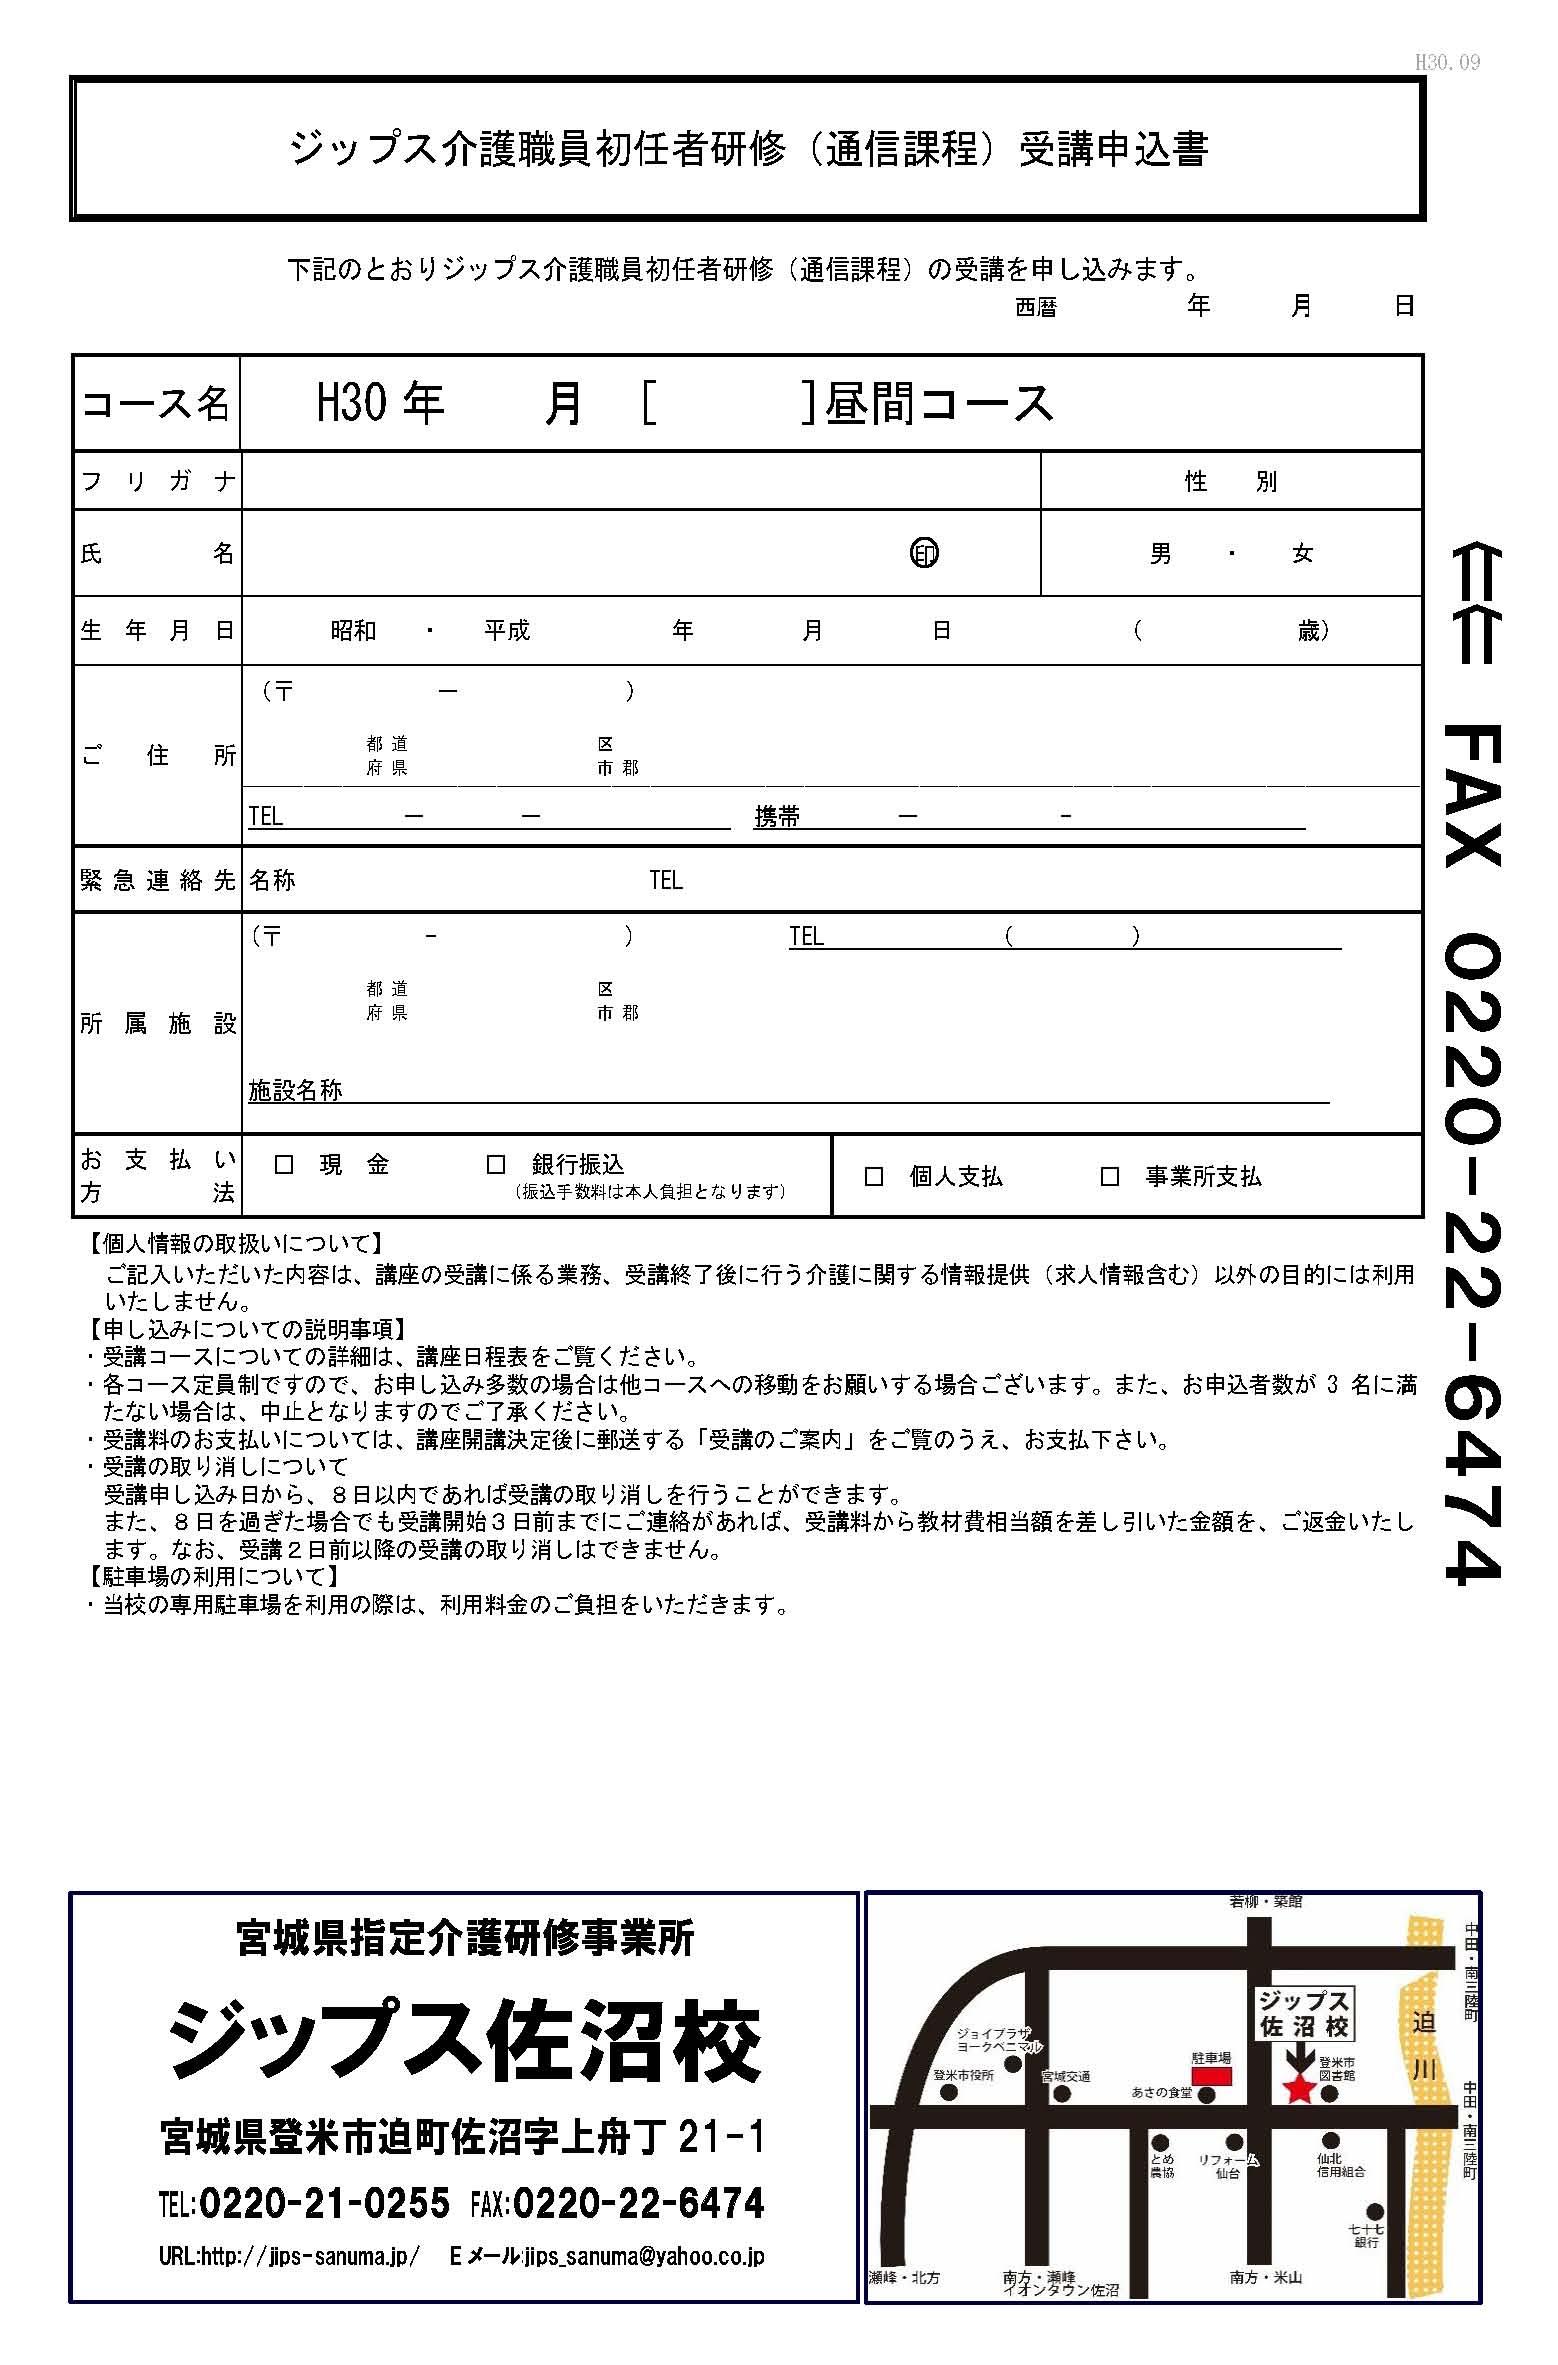 初任者研修募集チラシH30年9月(総合)_ページ_2